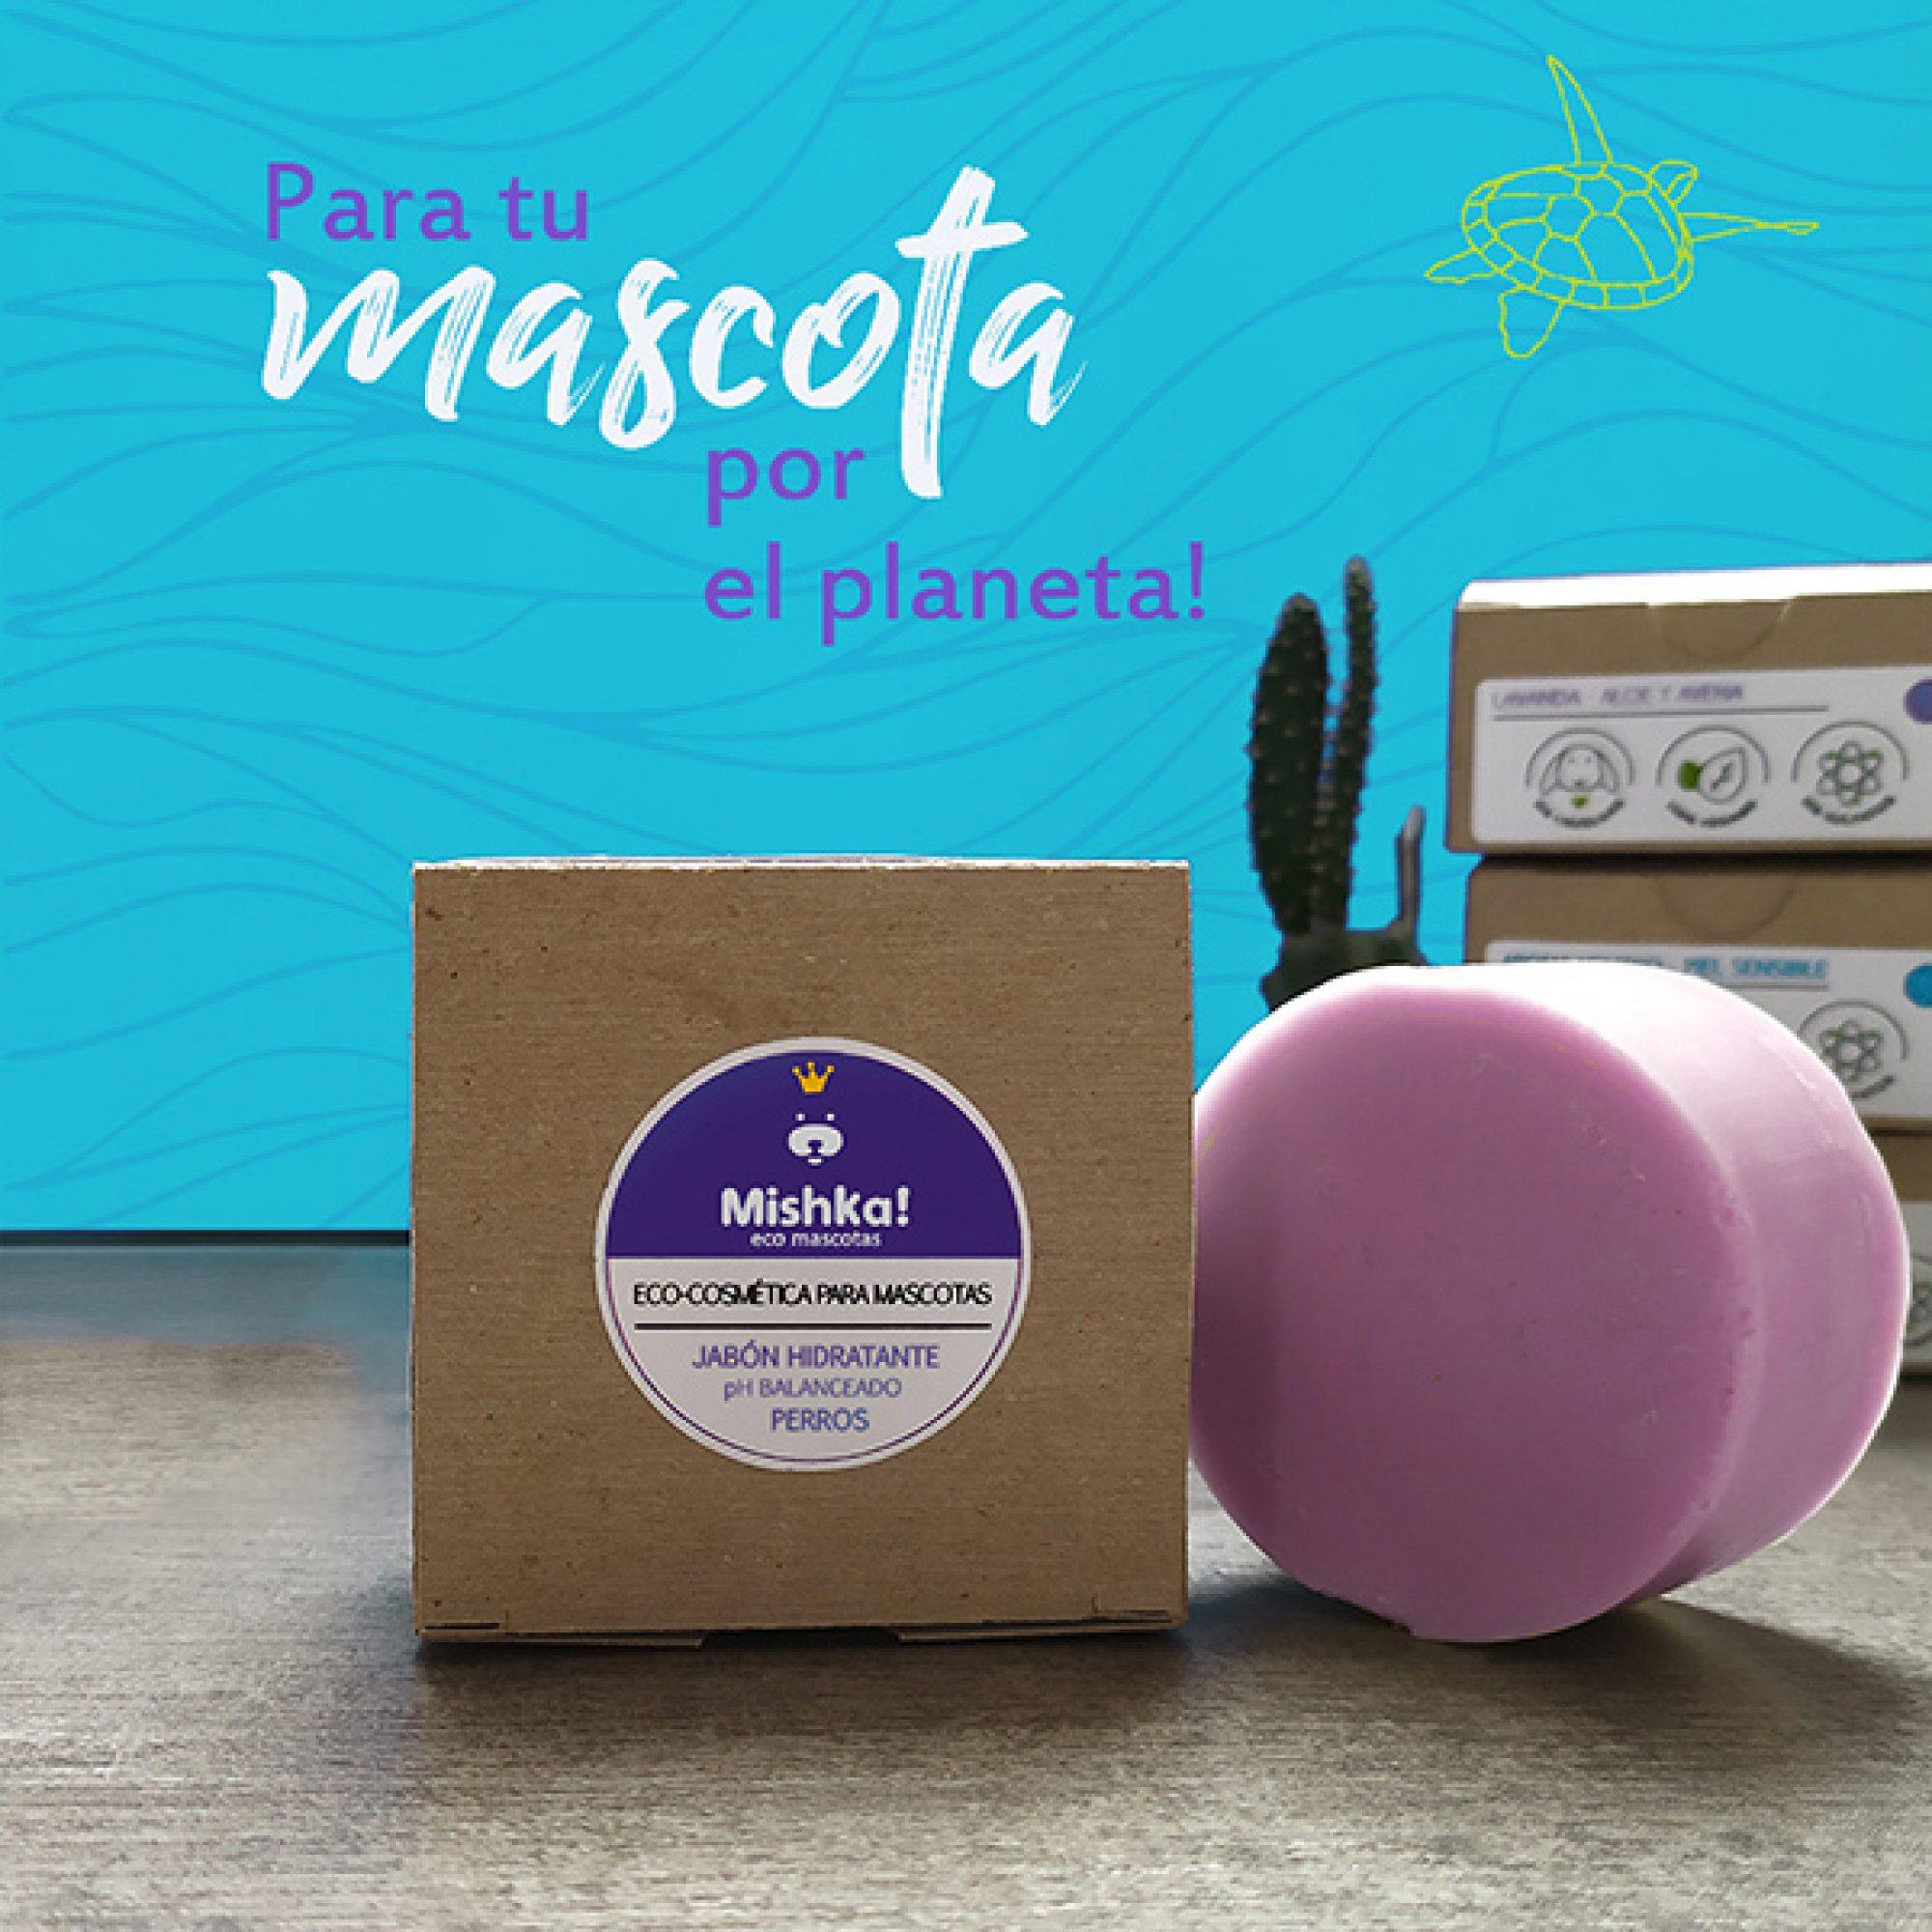 Mishka Jabón Hidratante Cosmética Ecológica Mascotas Aceite de oliva virgen extra; aceite de coco orgánico Con aceite esencial de Lavanda